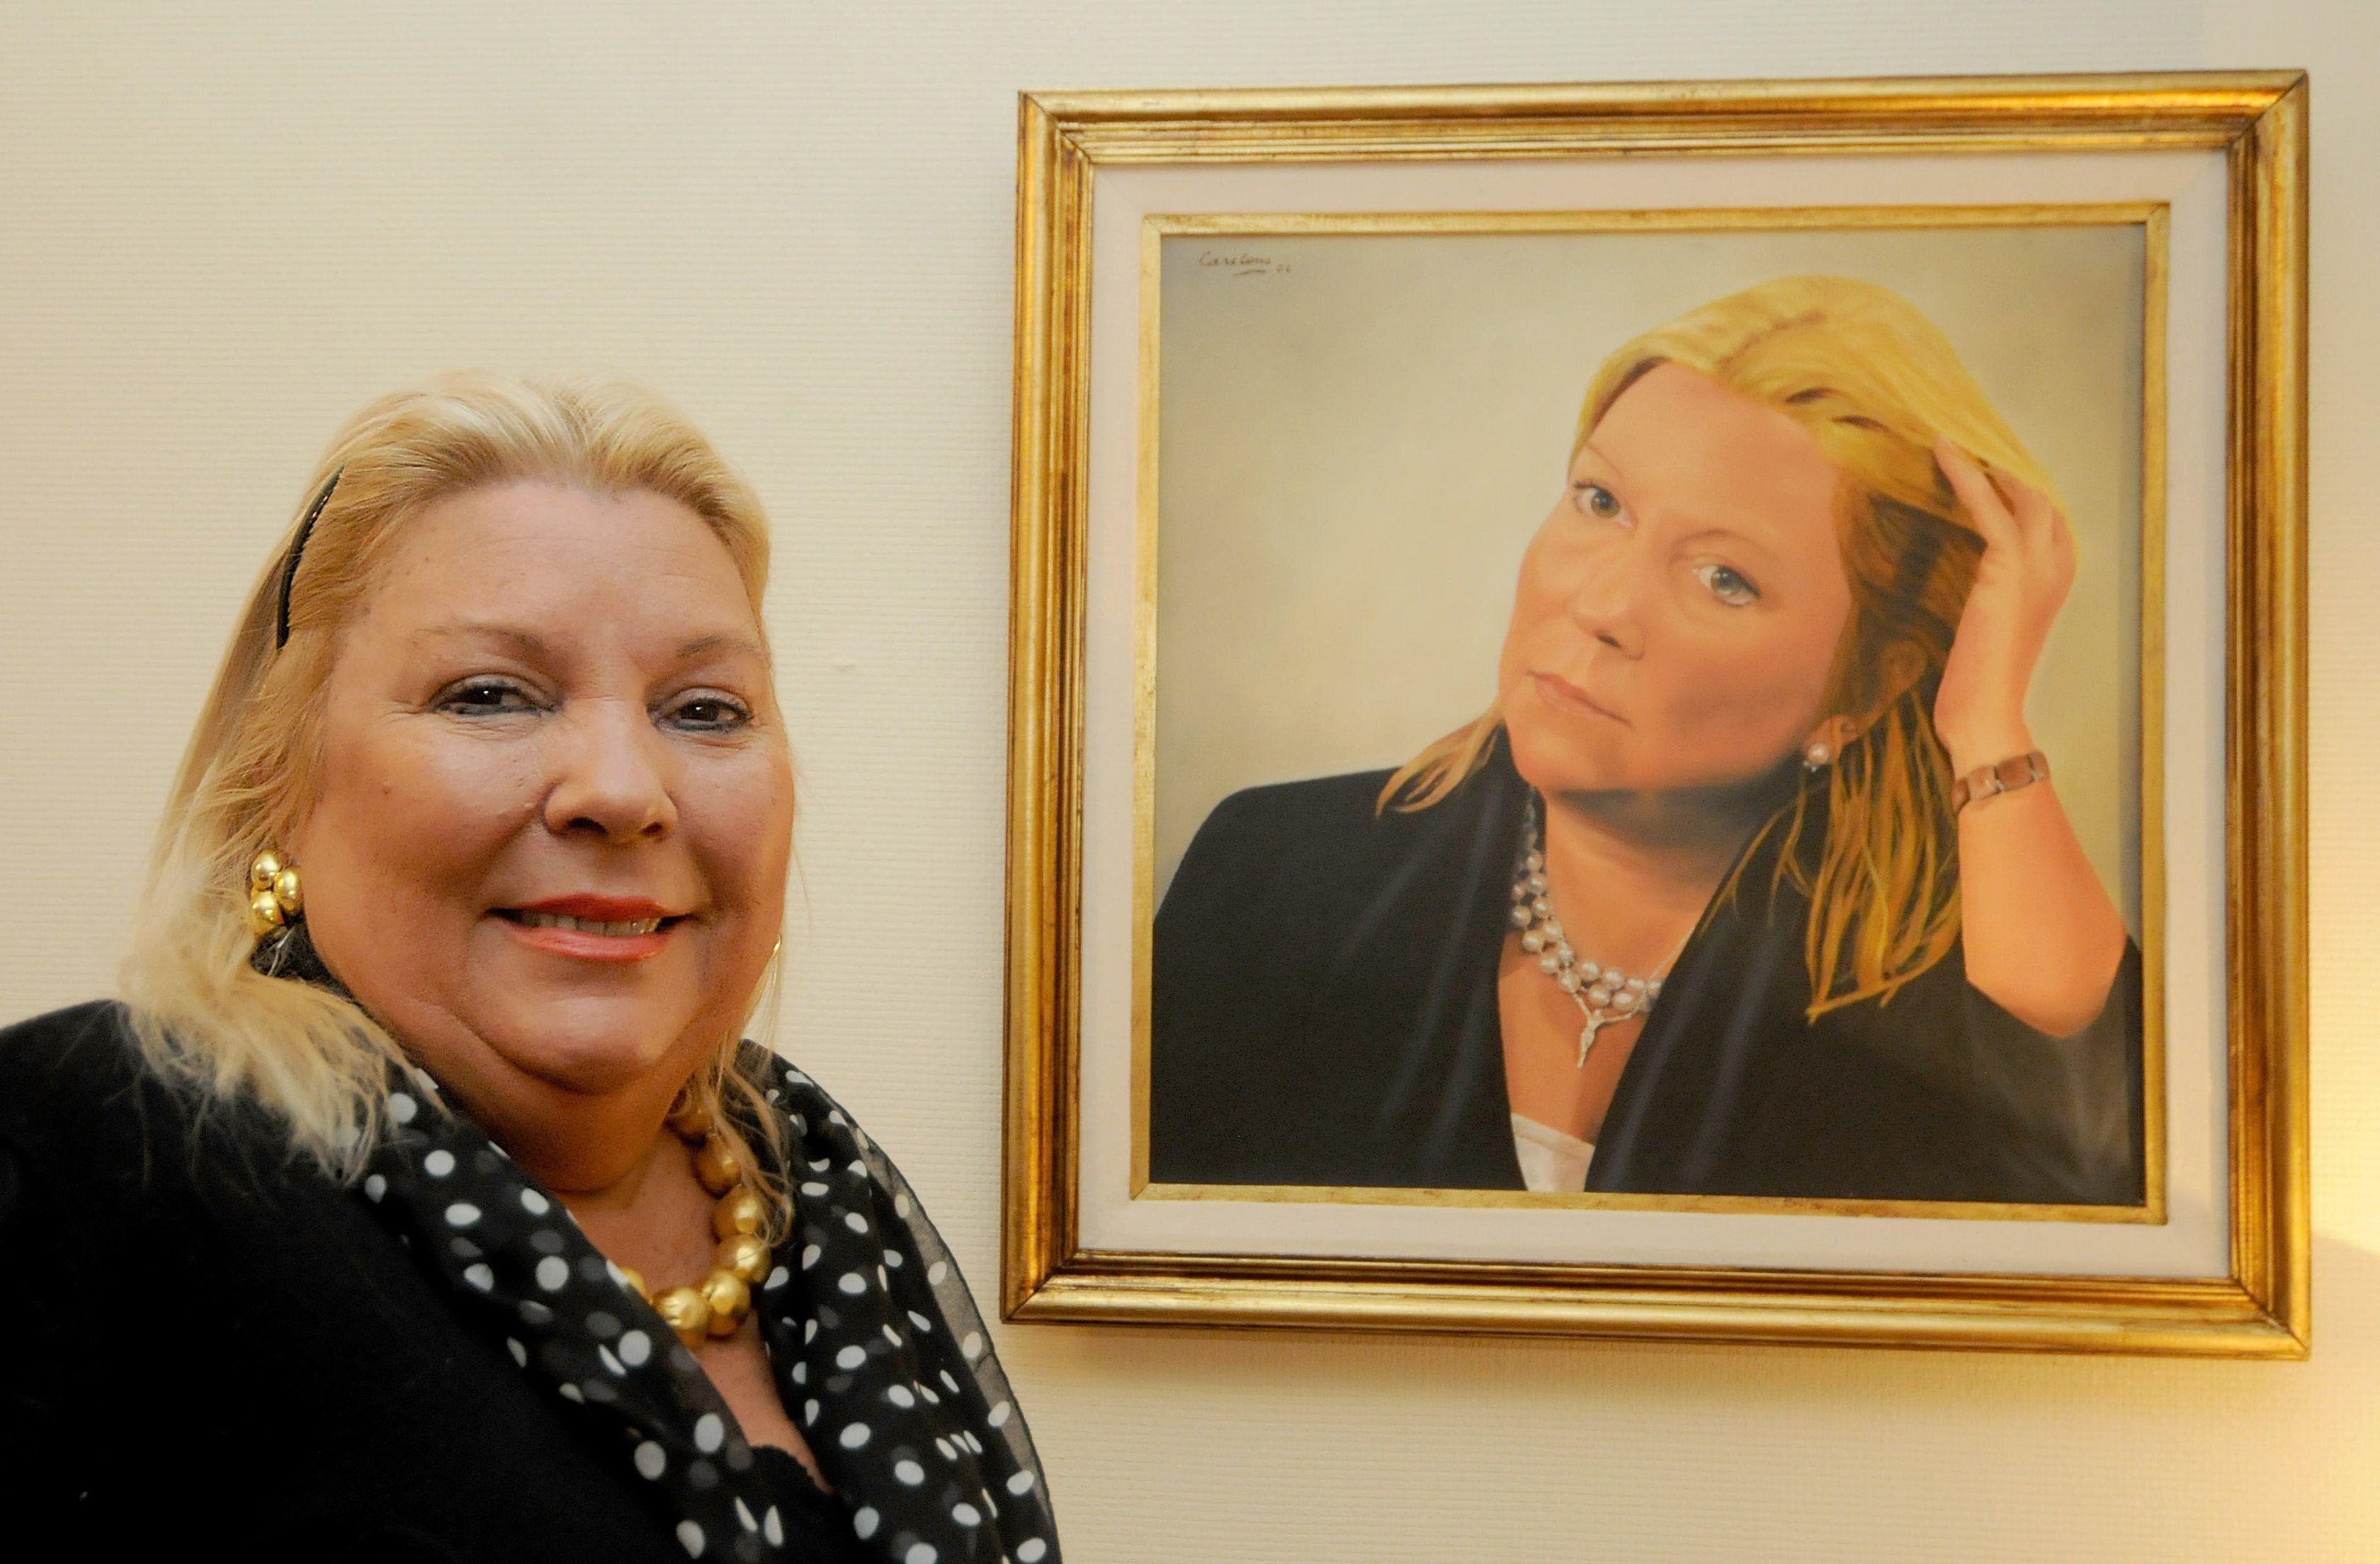 La legisladora Elisa Carrió reveló que fue amenzada.